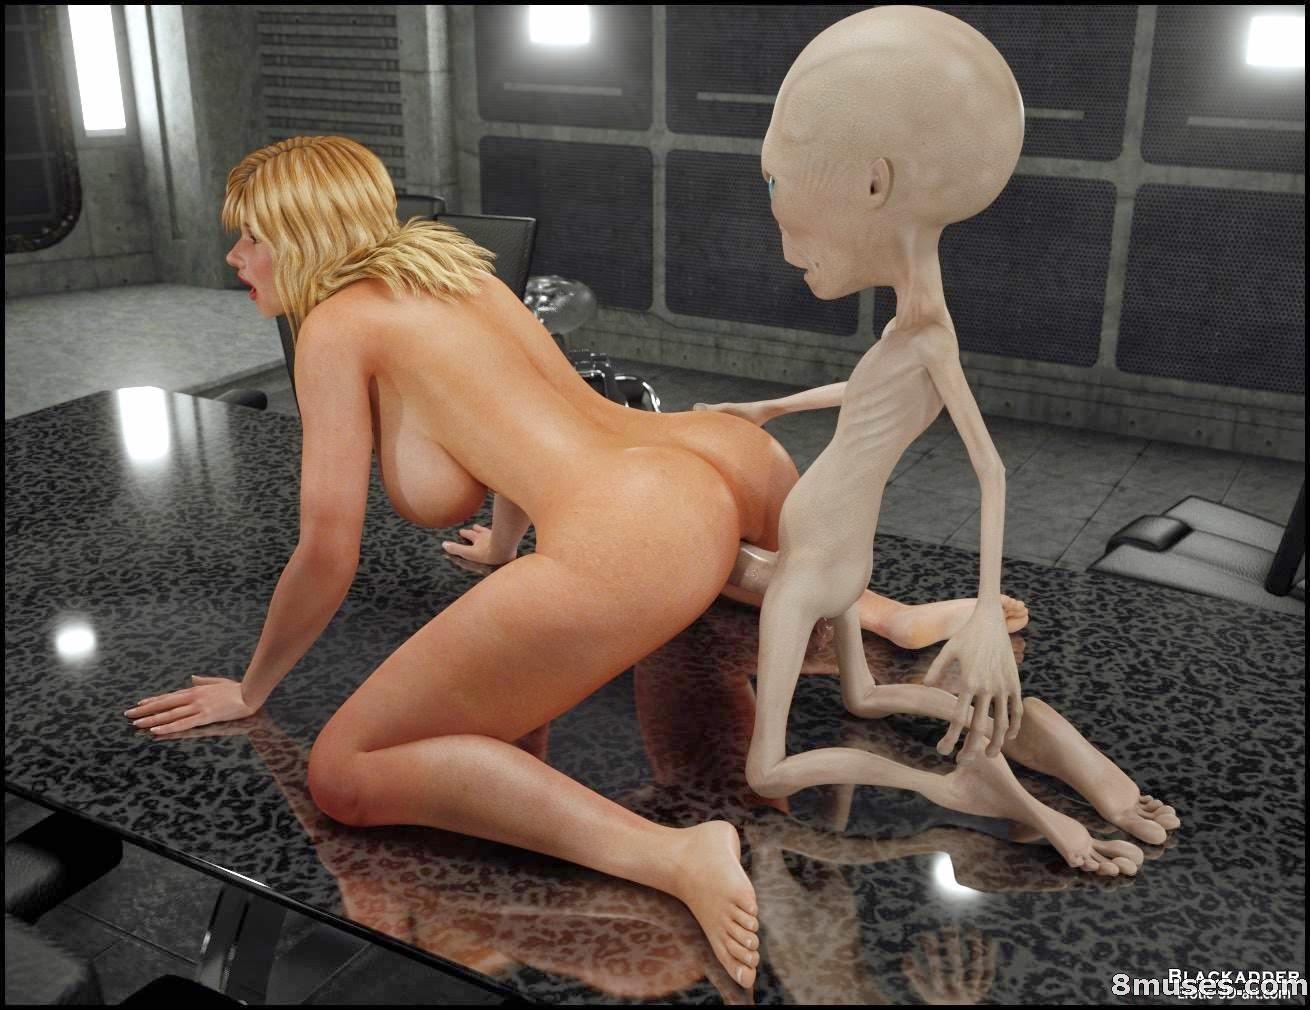 Ashlyn gere porn goddess hottest scene ever 8